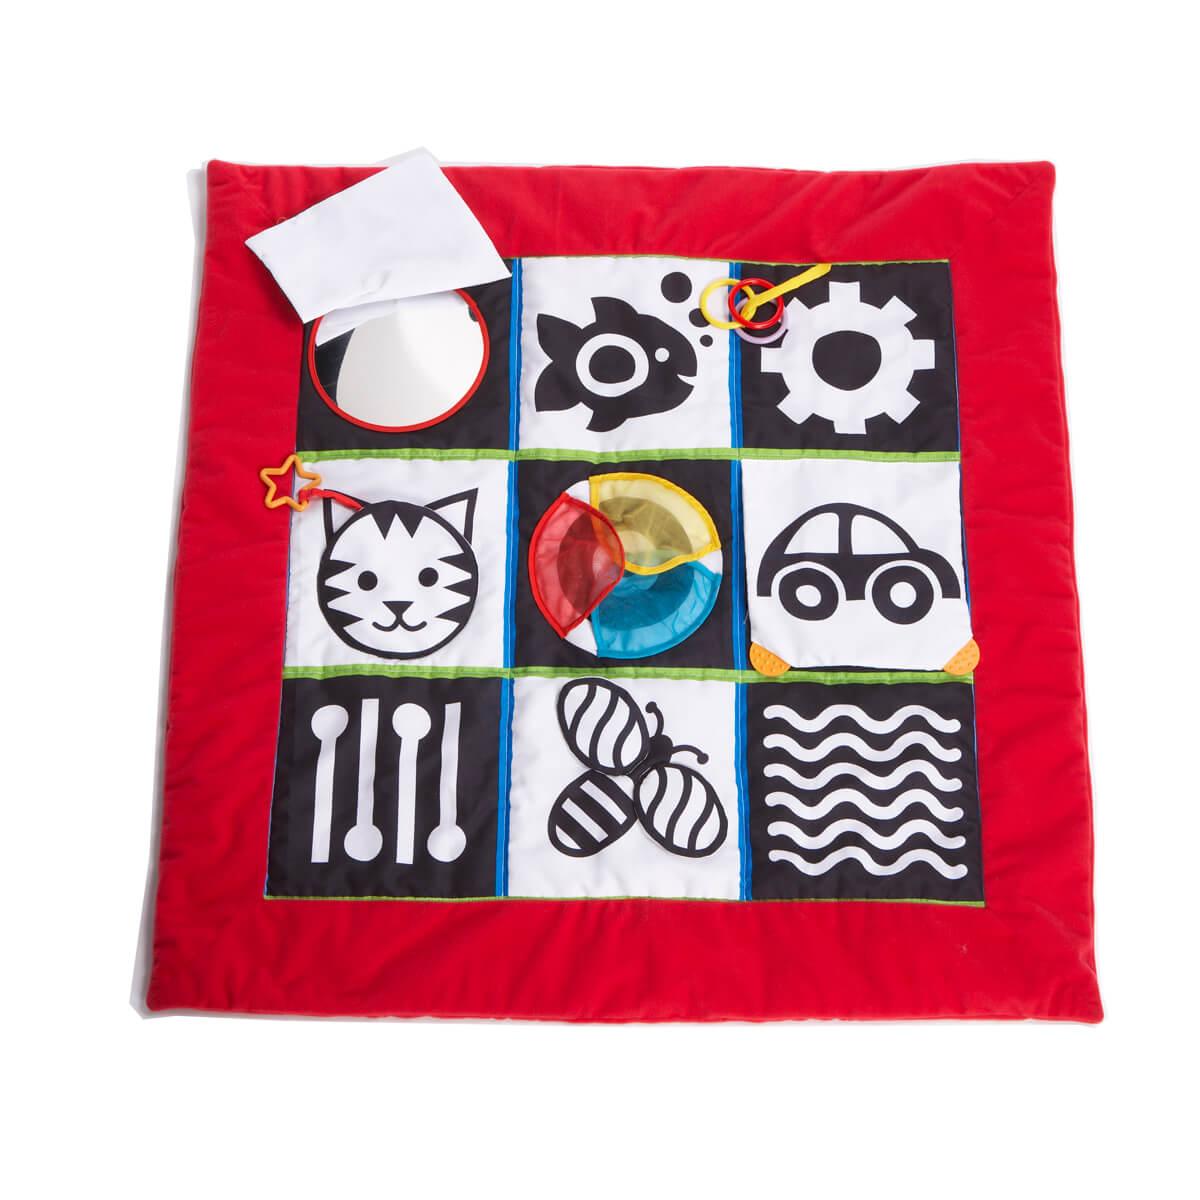 「視る力」の発達を応援する布製品のご紹介